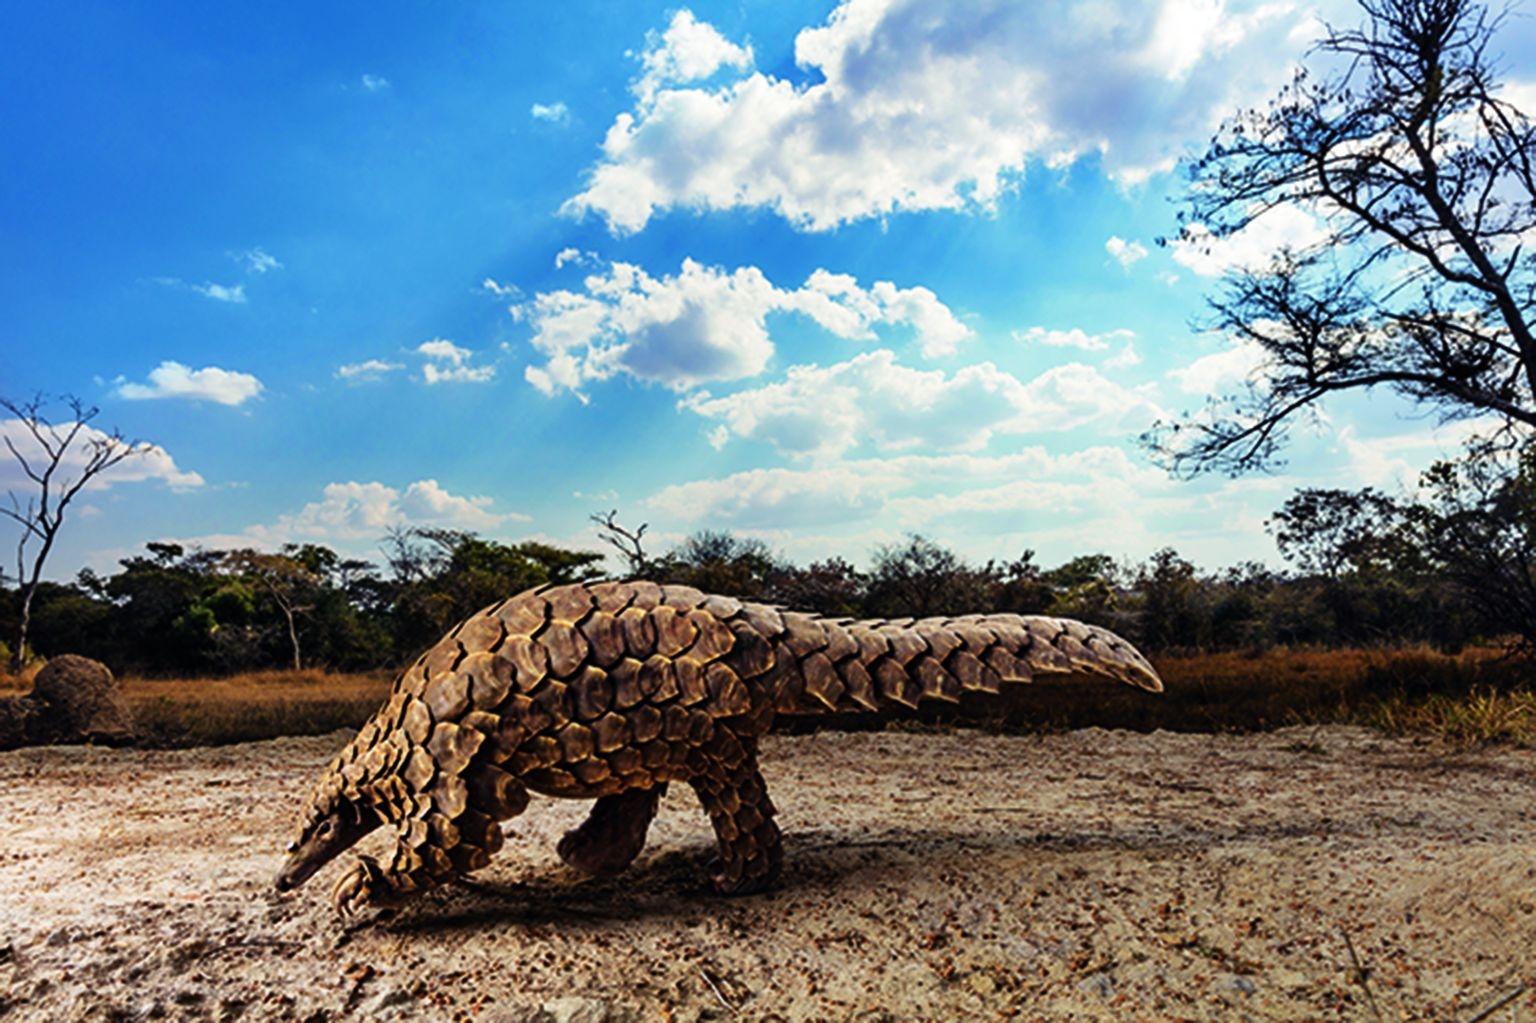 這隻南非穿山甲名叫塔慕達,從非法野生動物交易販子的手中被救出,正在辛巴威一處復原中心尋找螞蟻或白蟻大餐,非法販子本來很可能會把牠的鱗片走私到亞洲,用於傳統藥物中。攝影:布蘭特.史特頓(BRENT STIRTON)